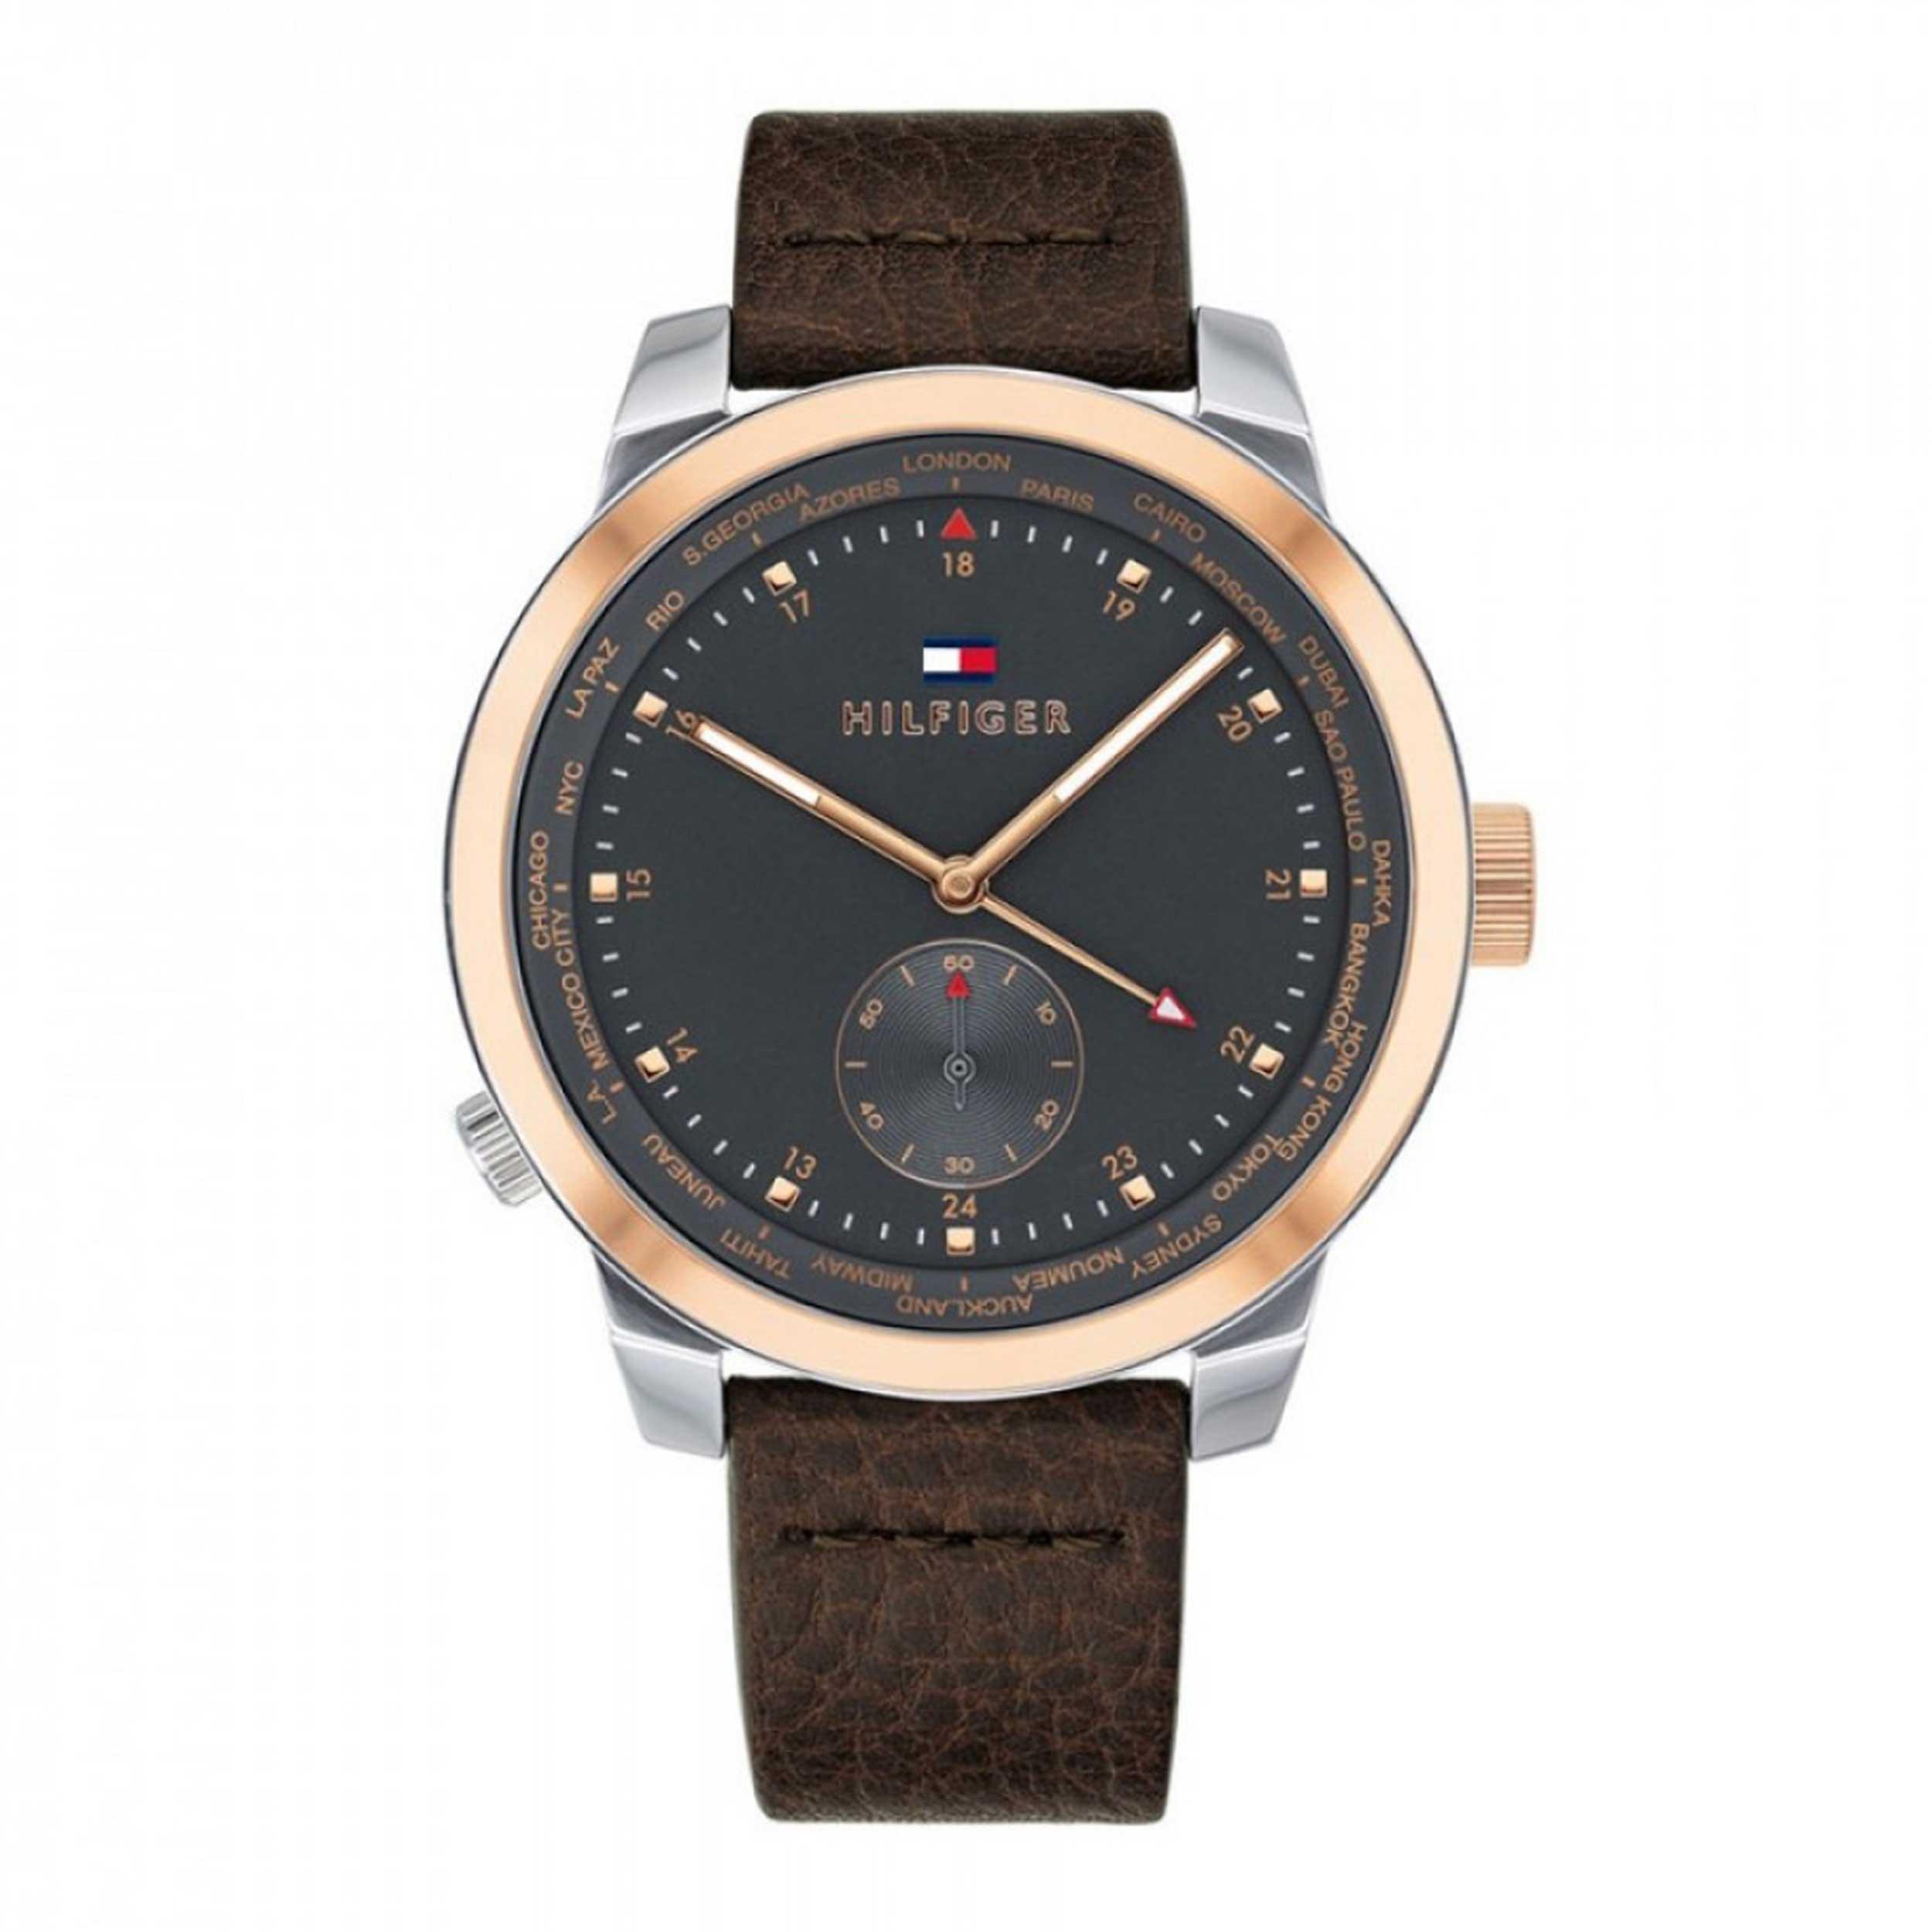 ساعت مچی عقربه ای مردانه تامی هیلفیگر مدل 1791554